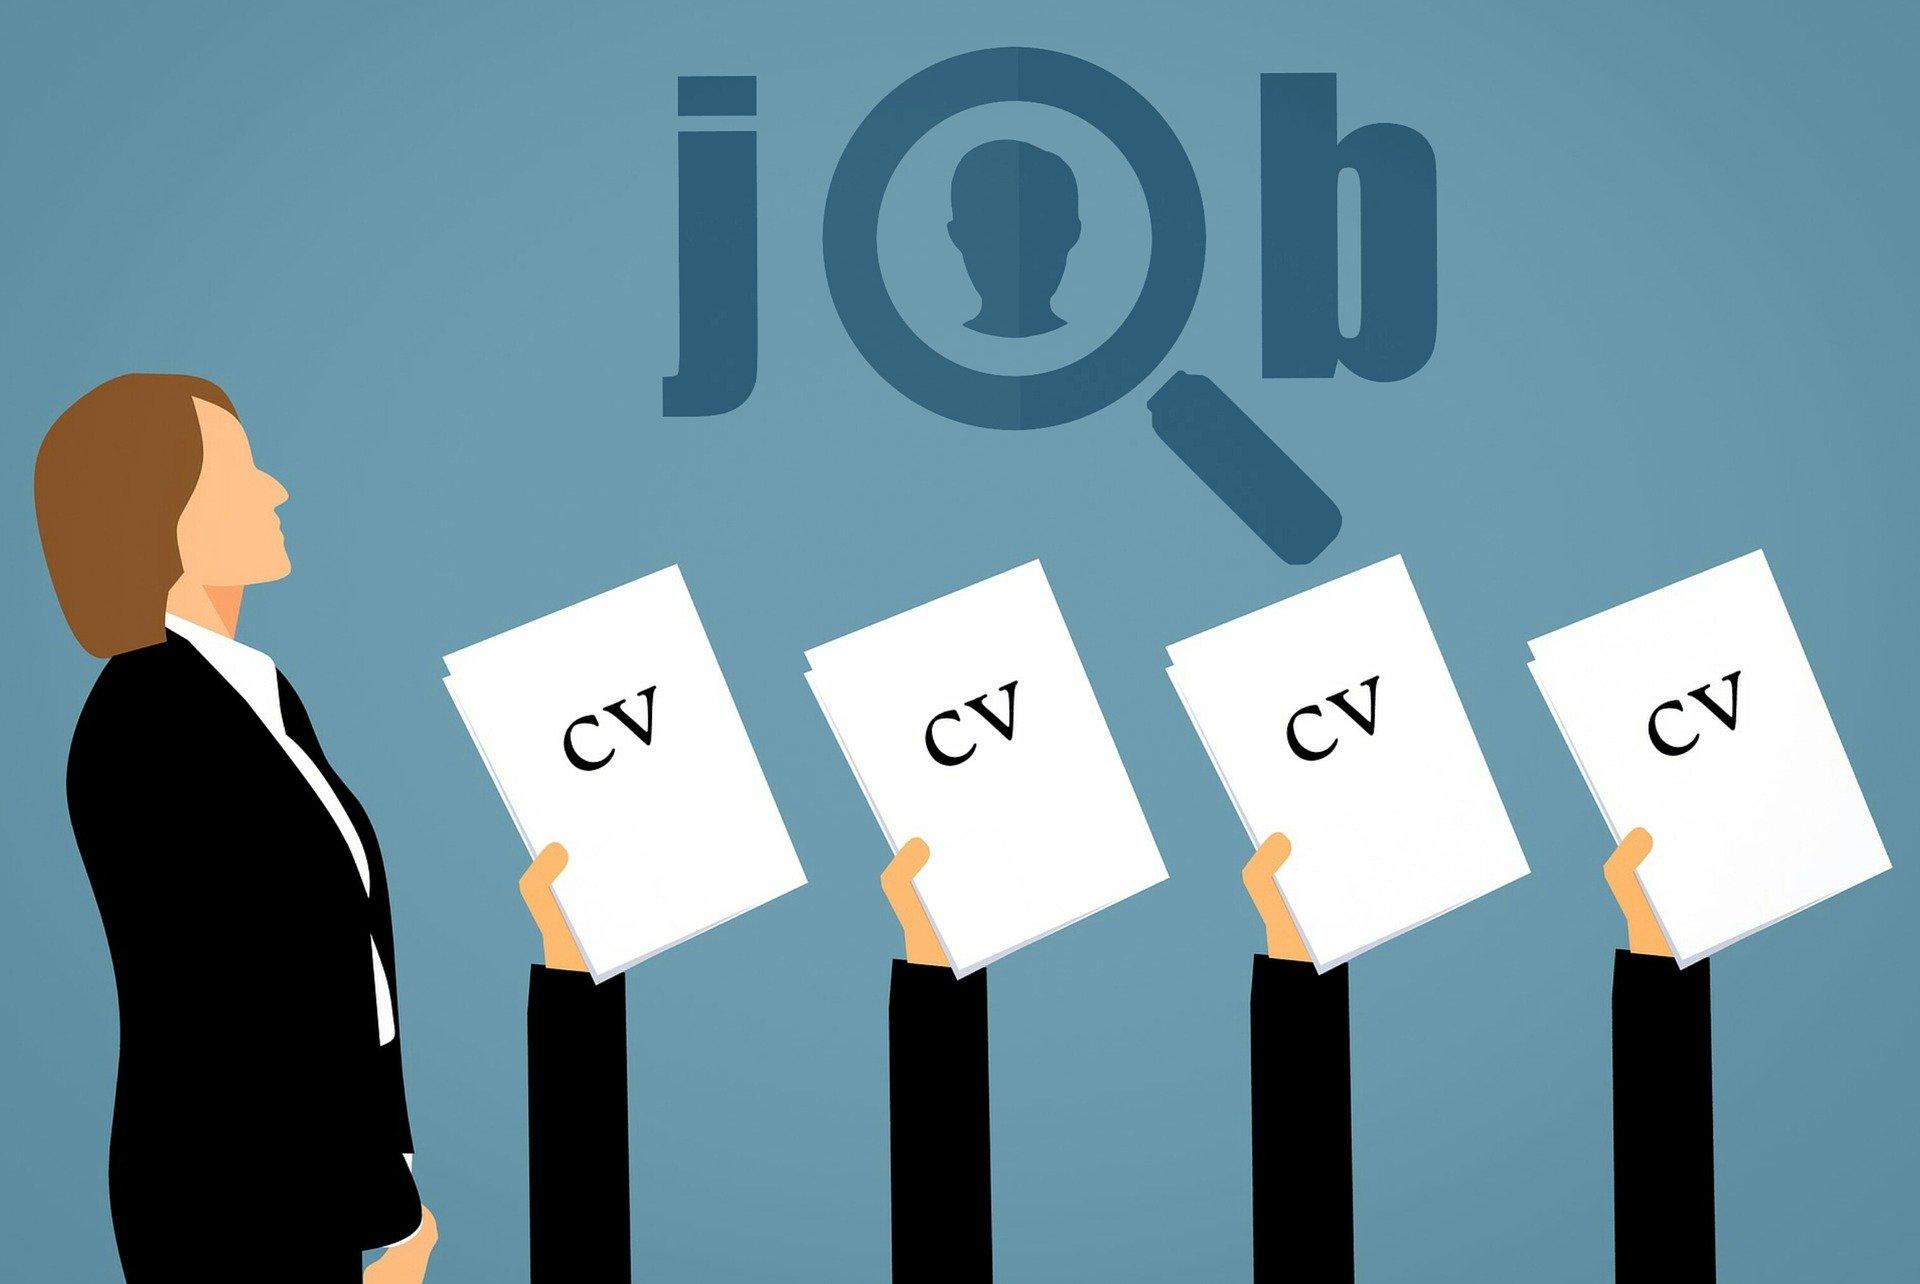 Le CV, l'indispensable dans le monde de l'emploi.